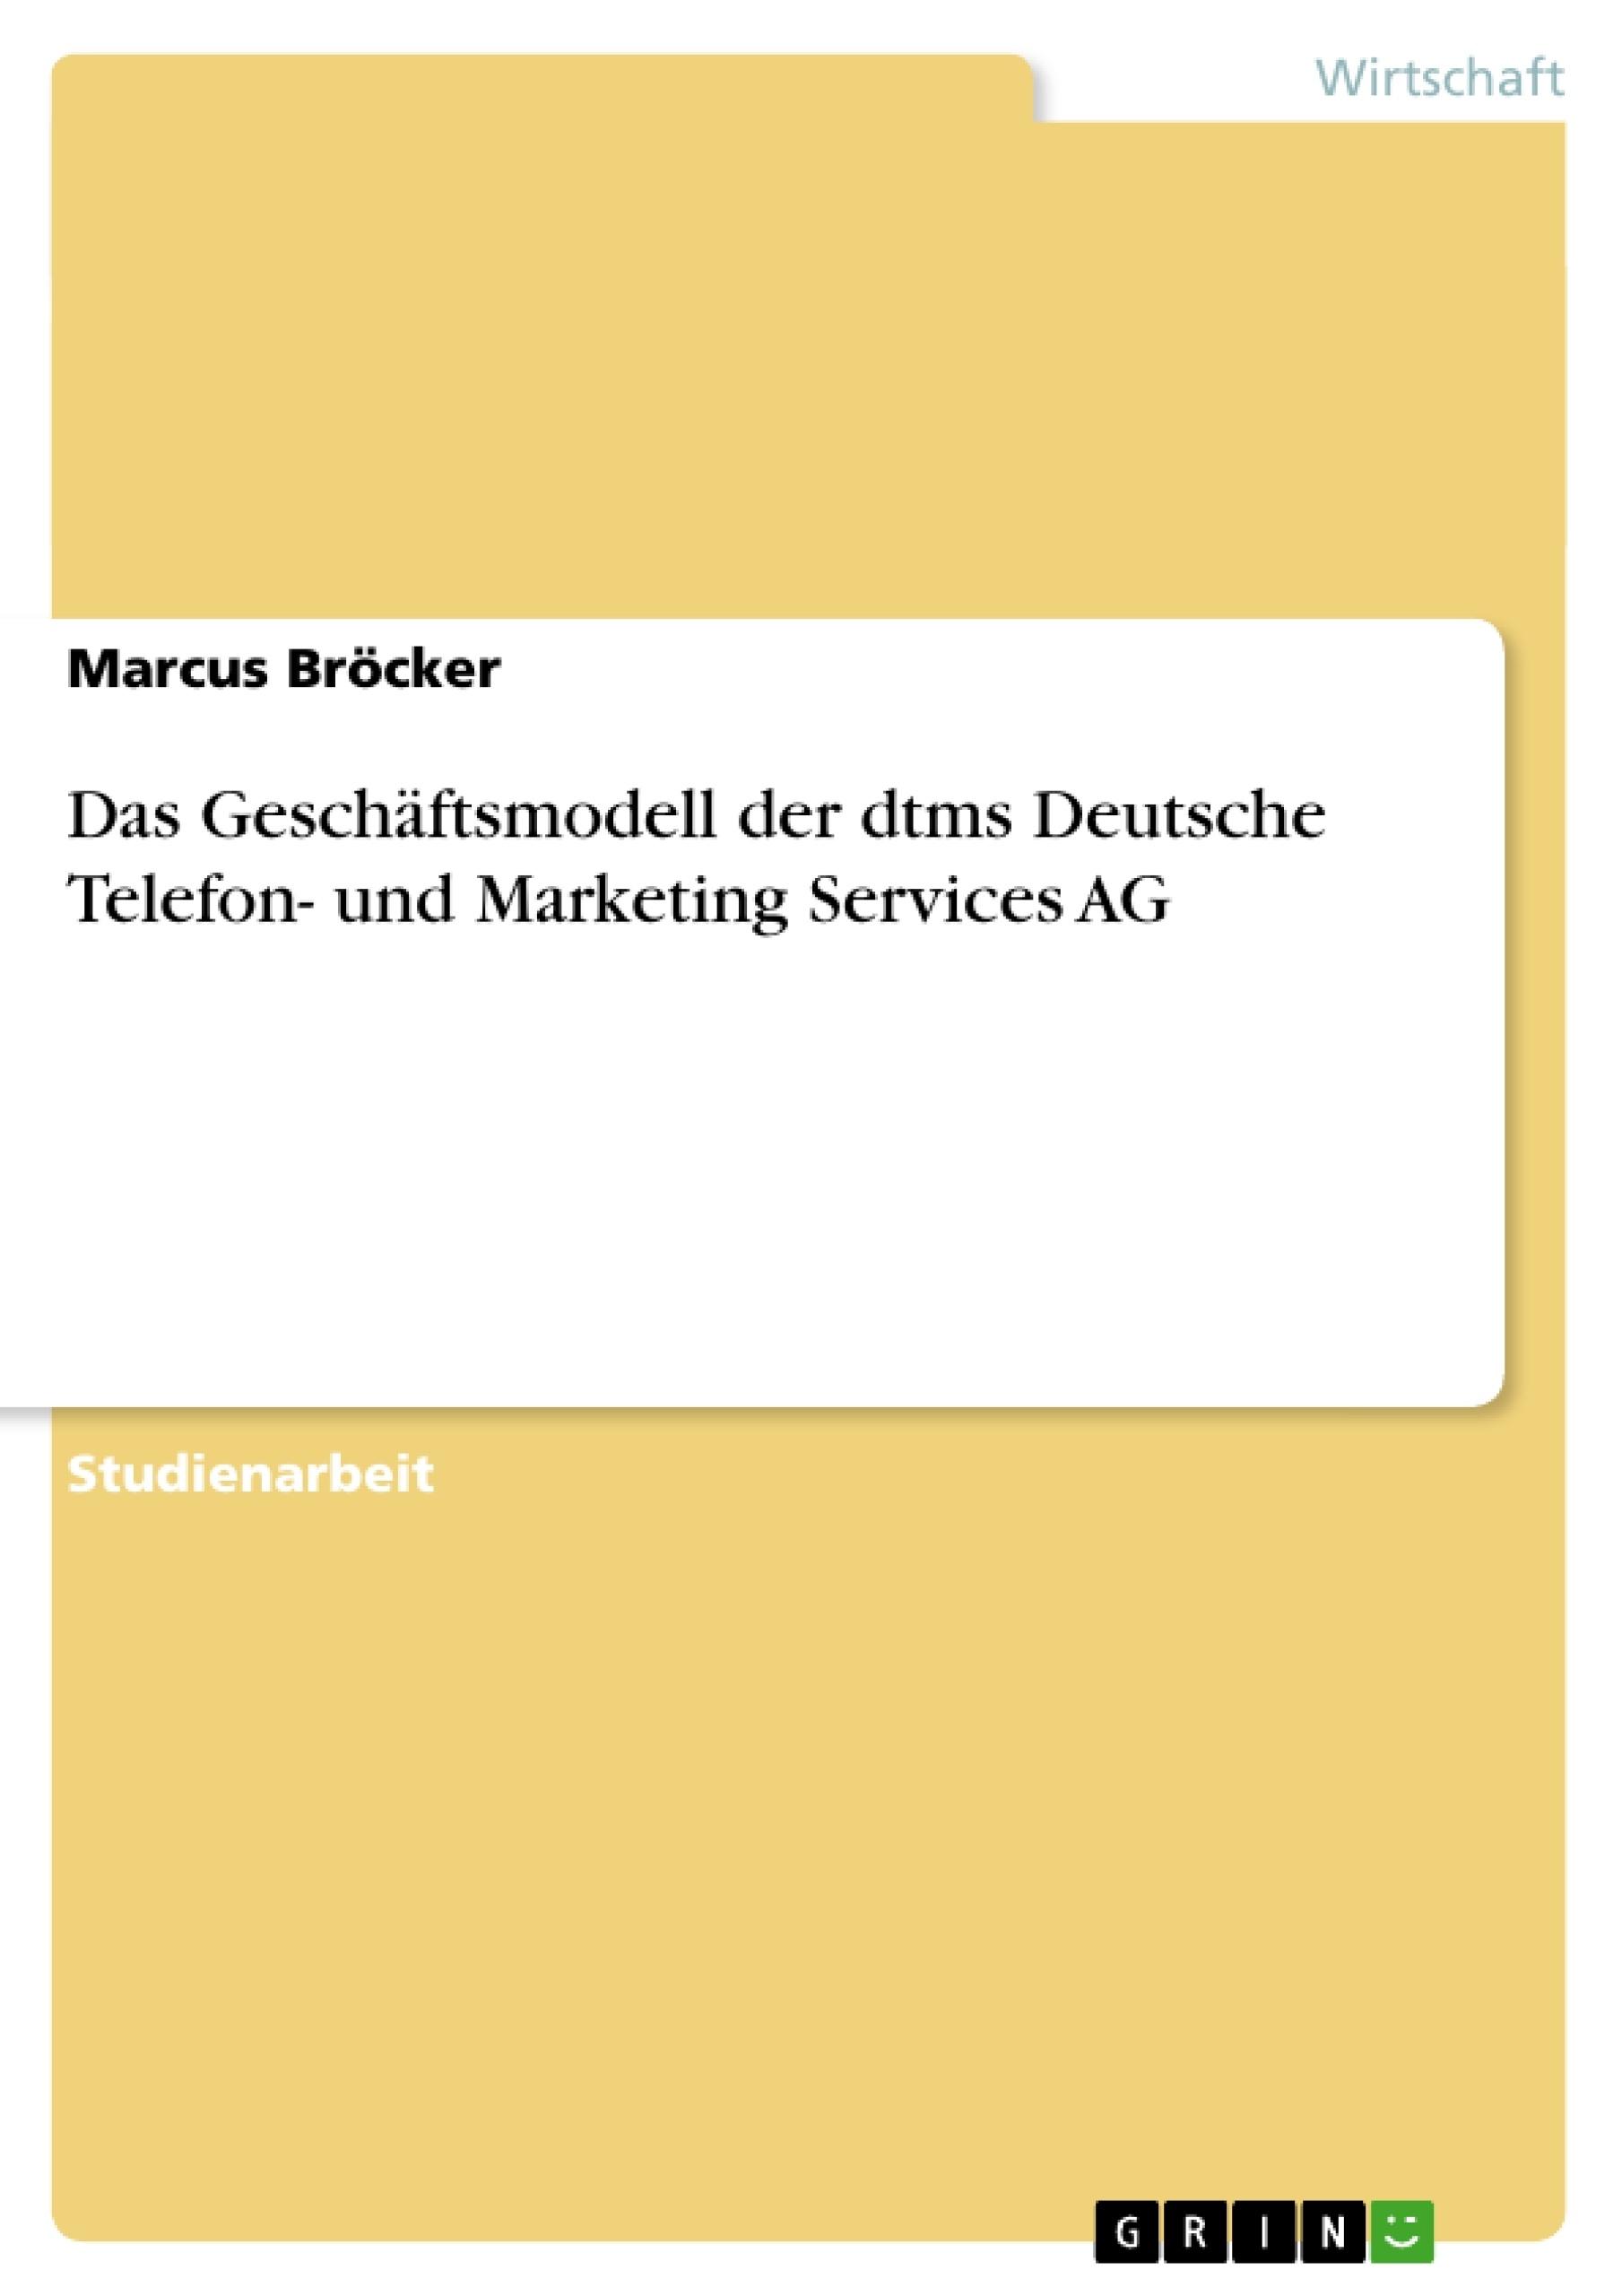 Titel: Das Geschäftsmodell der dtms Deutsche Telefon- und Marketing Services AG